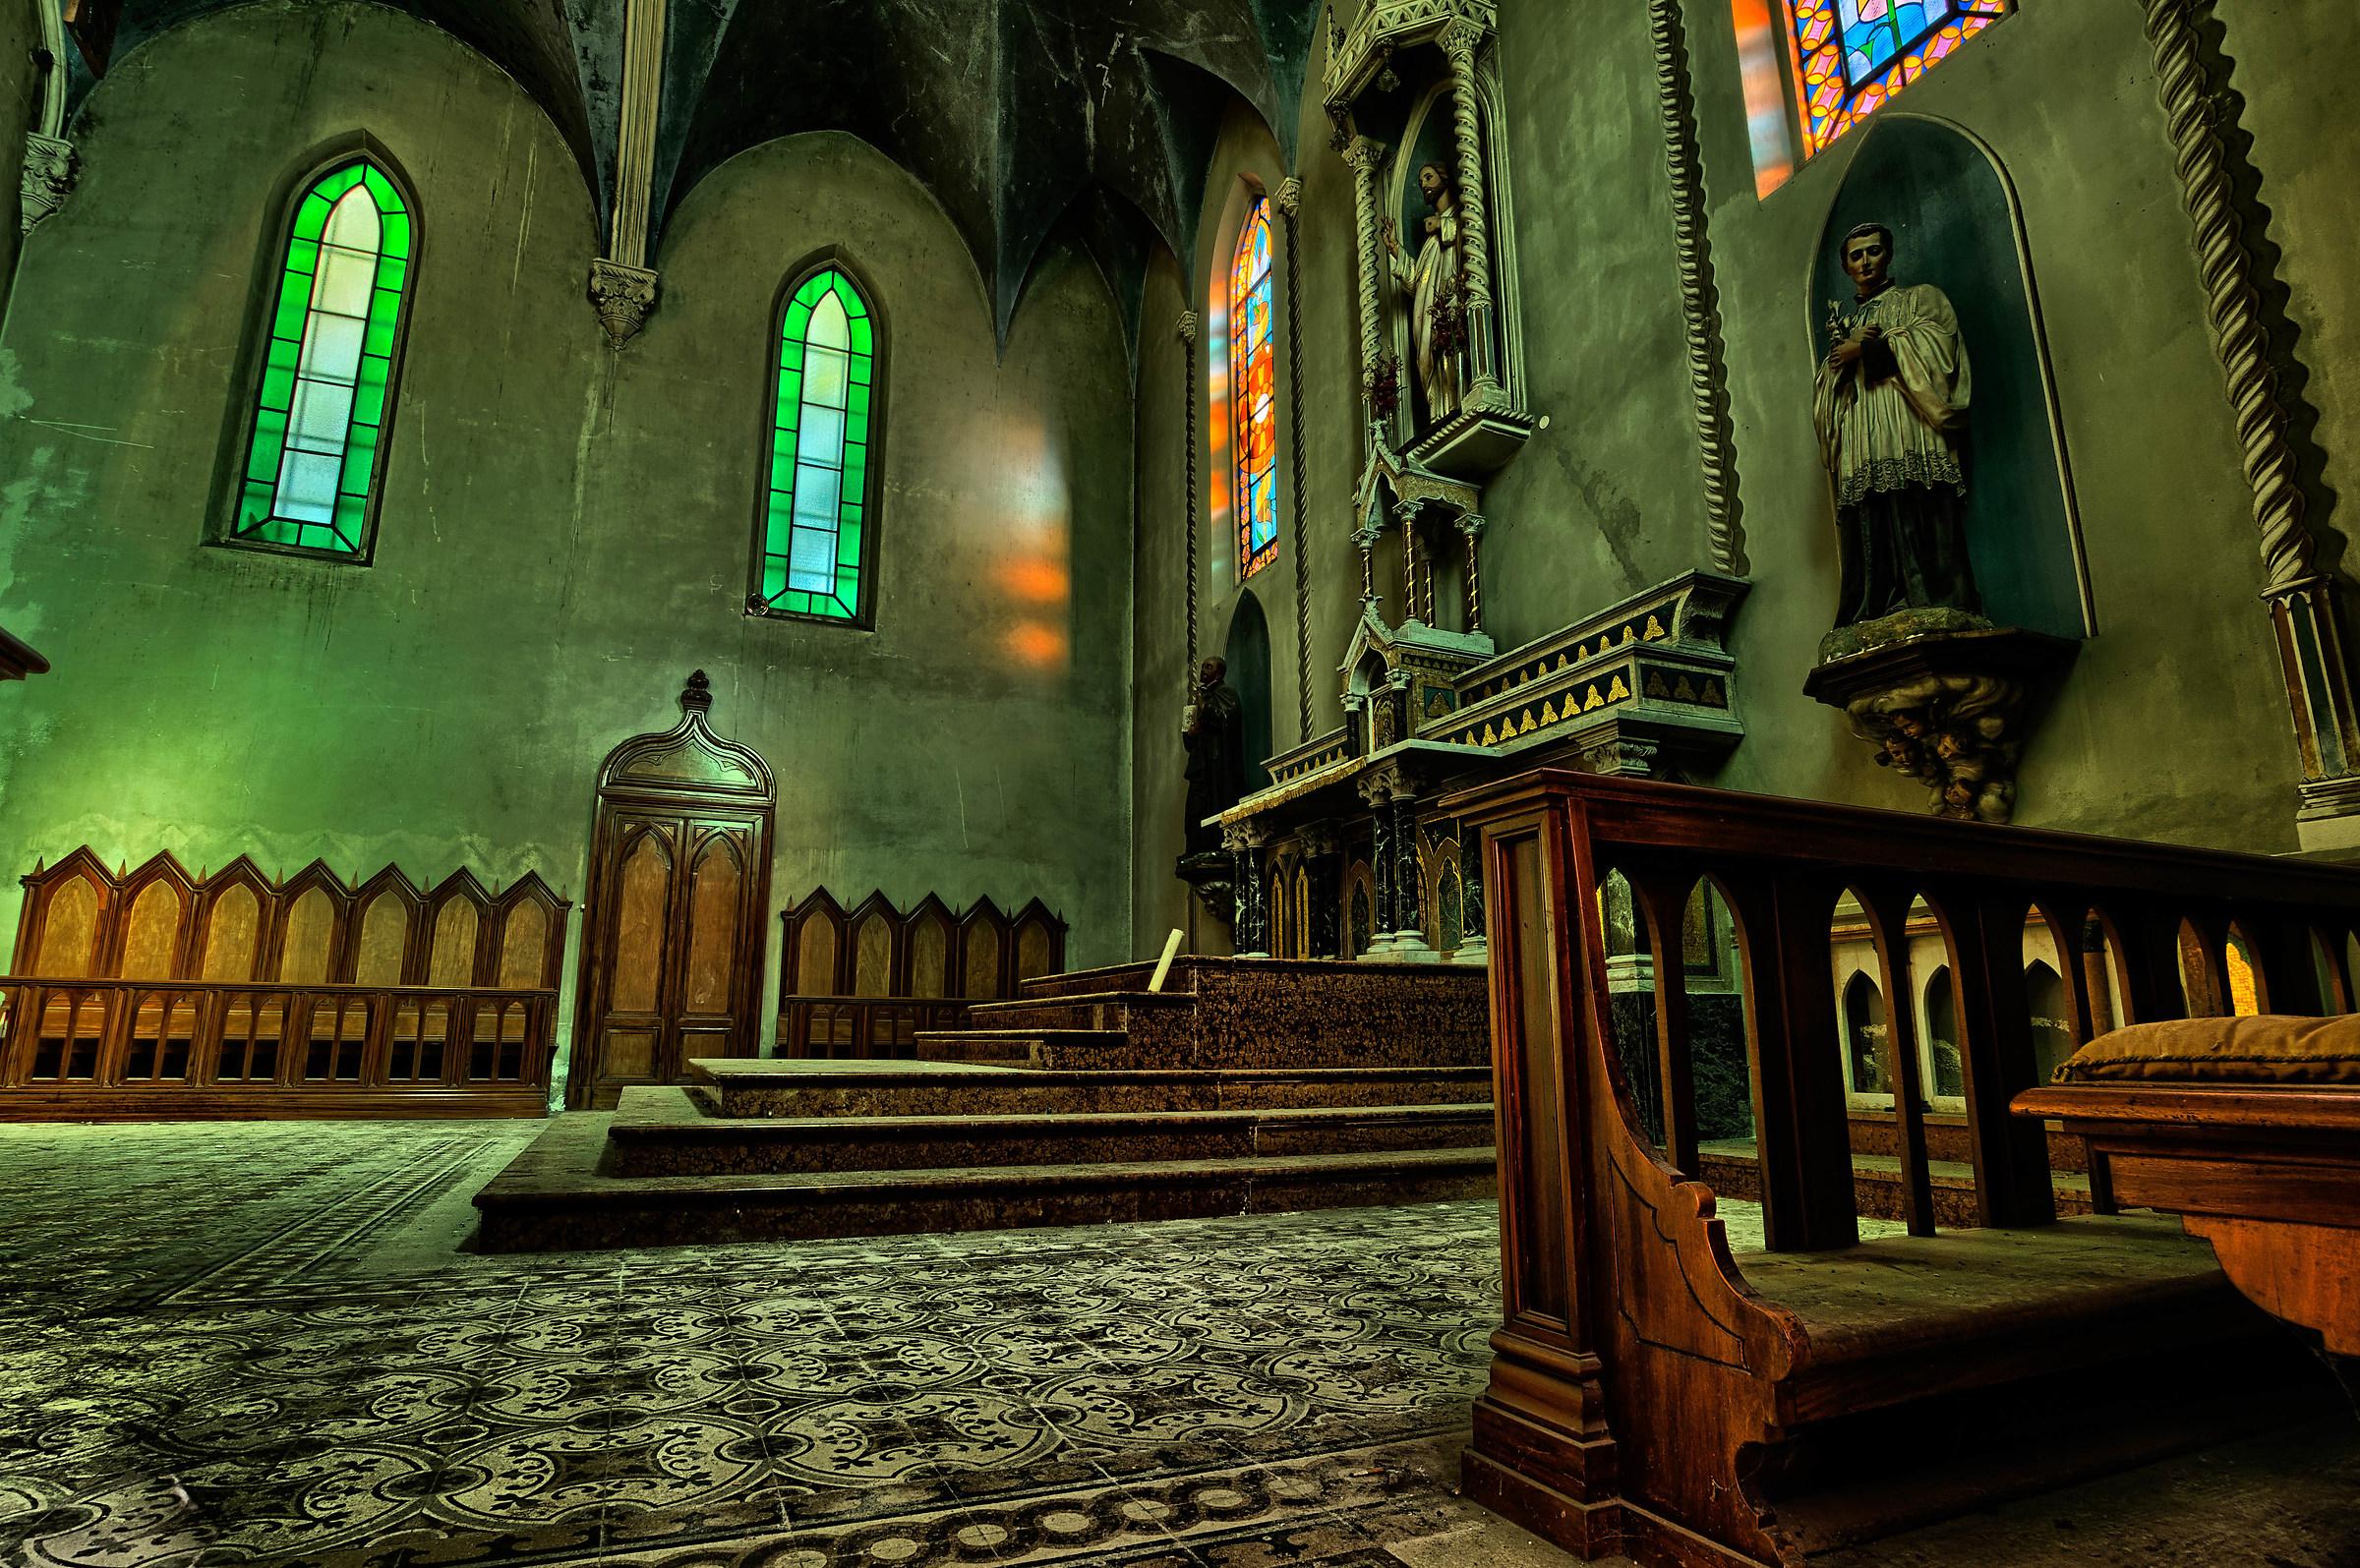 La chiesa blu.....wow...